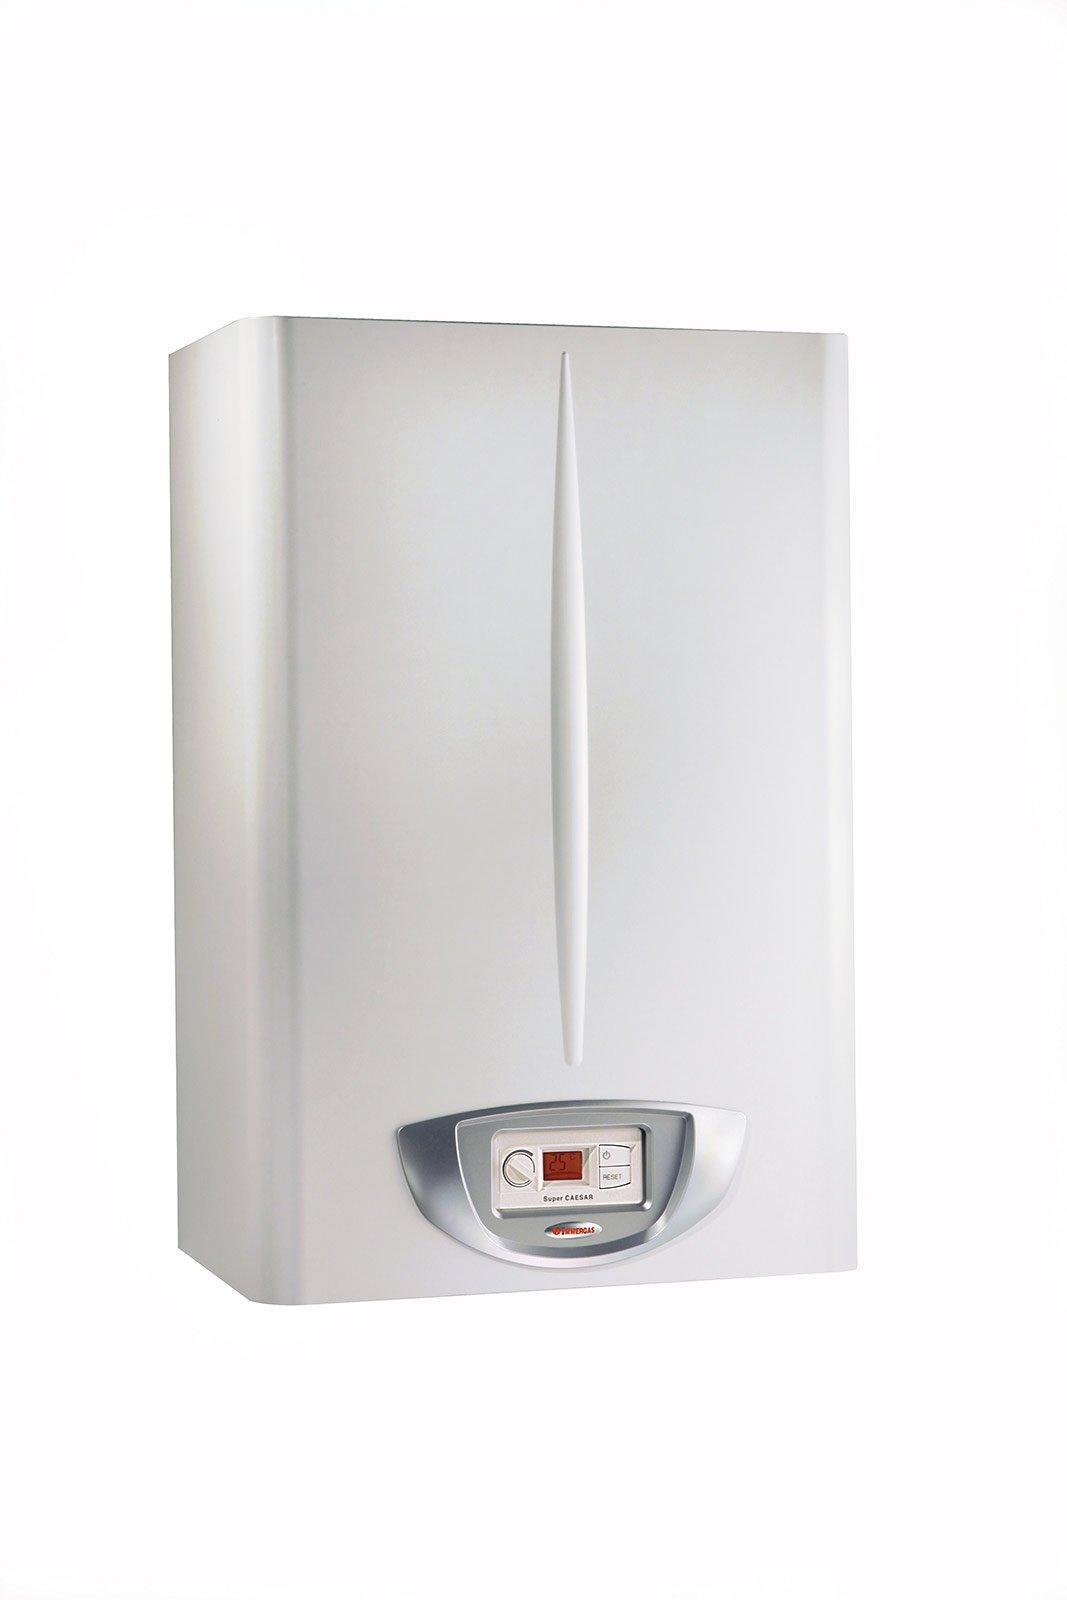 Gli scaldabagno di nuova generazione cose di casa - Scaldabagno elettrico istantaneo basso consumo ...